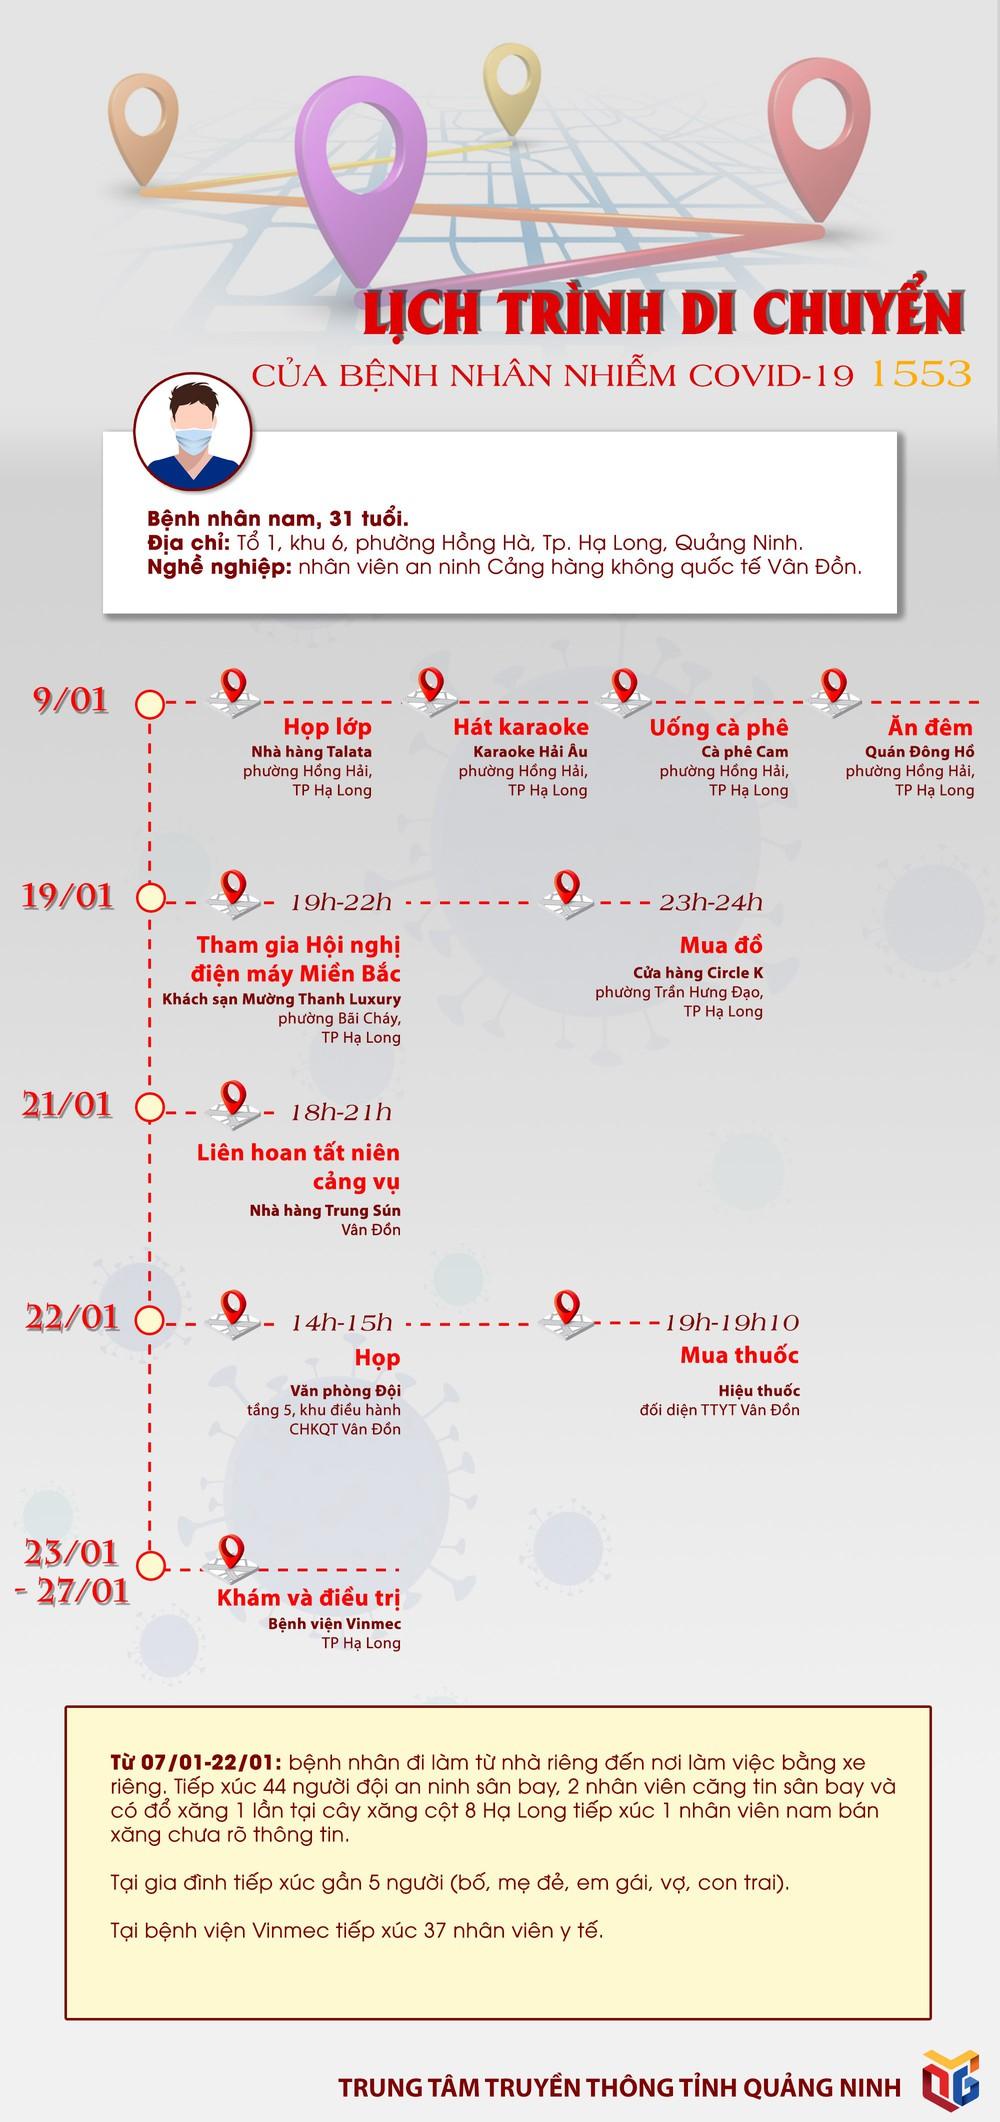 Quảng Ninh: Lịch trình di chuyển dày đặc của nam nhân viên an ninh sân bay Vân Đồn nhiễm Covid-19 - Ảnh 1.